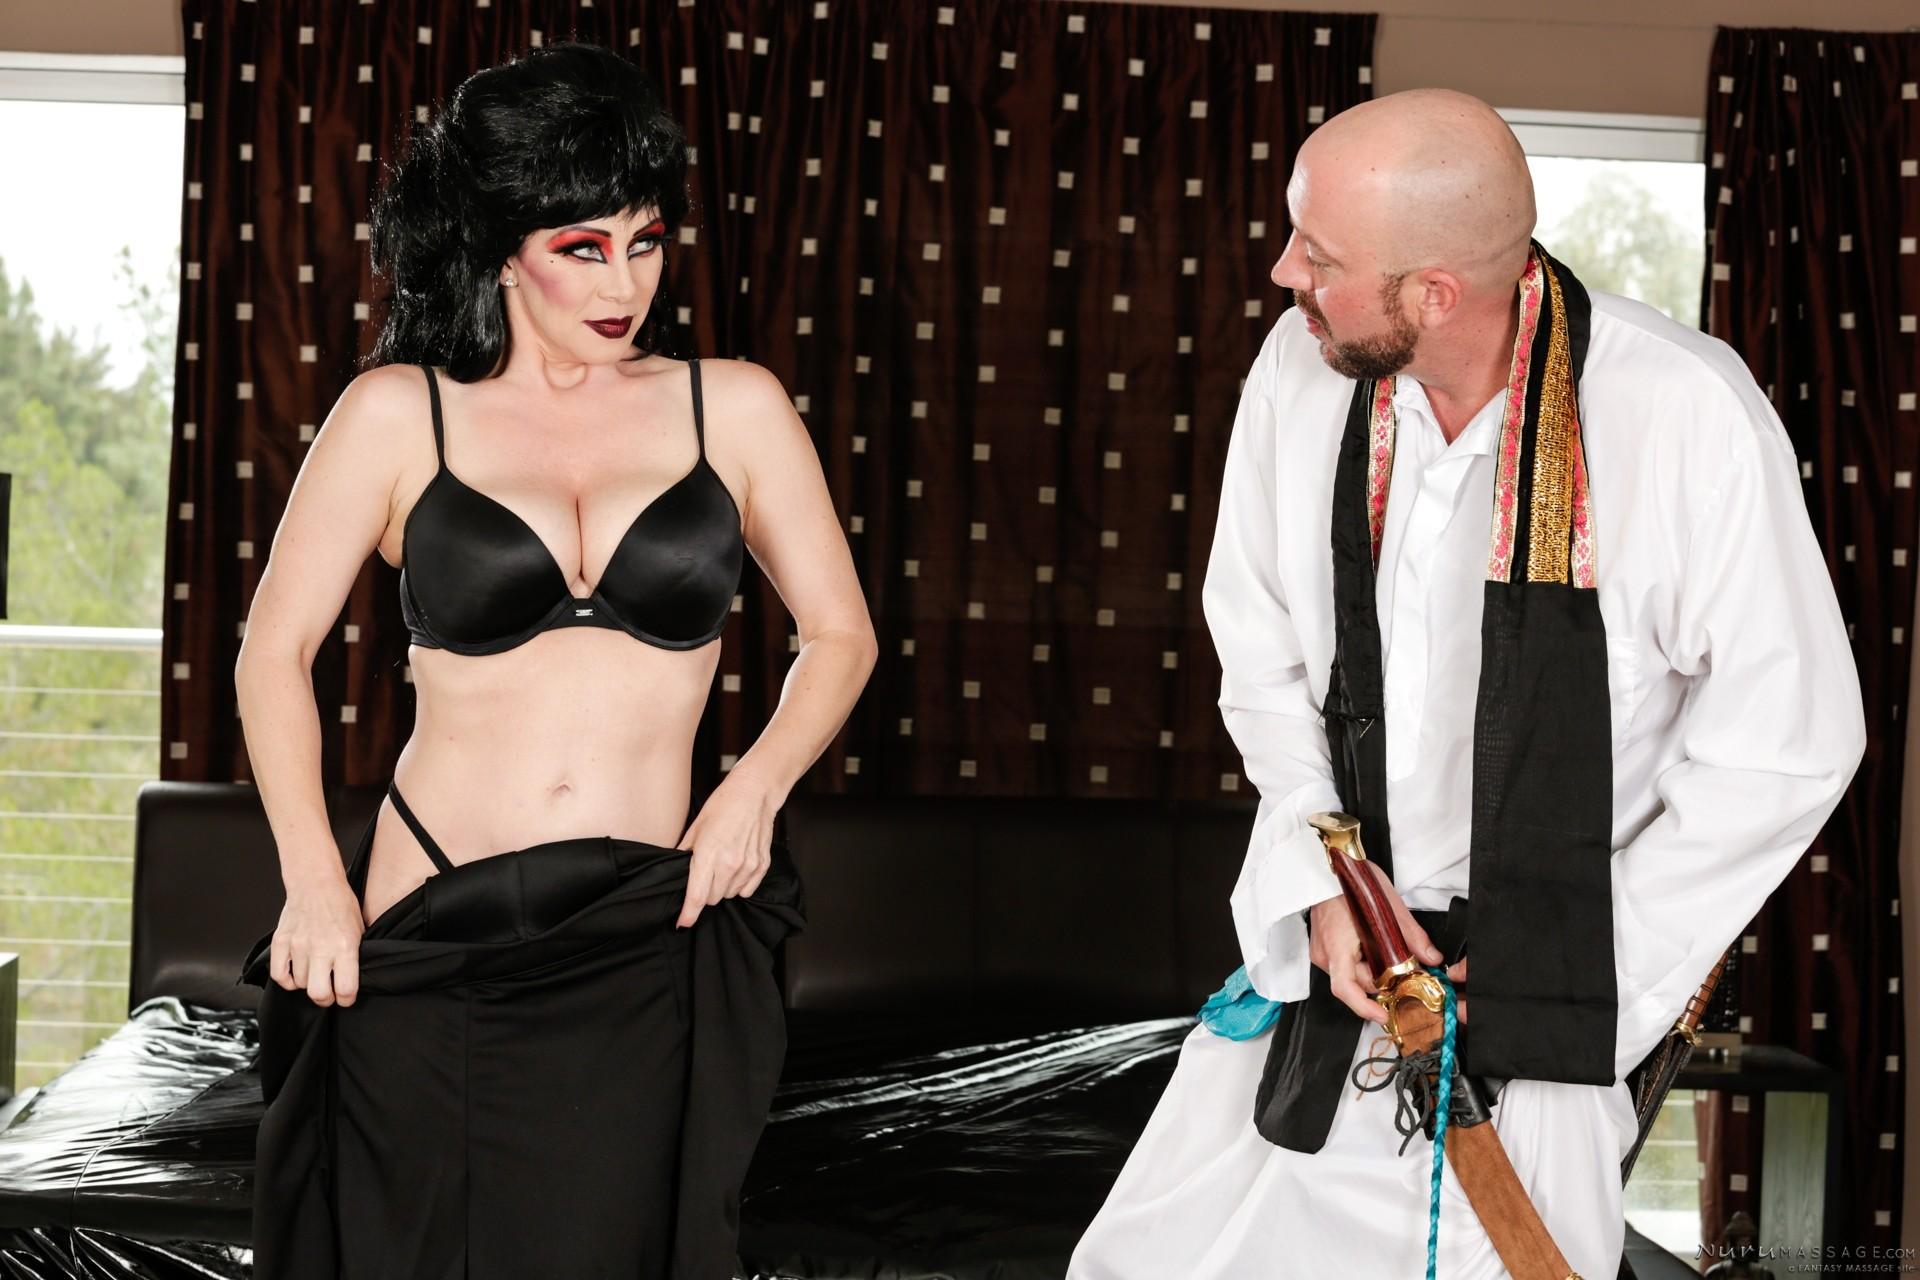 Экстравагантная дамочка доставляет удовольствие мужчина, применяя свой опыт и лучшие умения